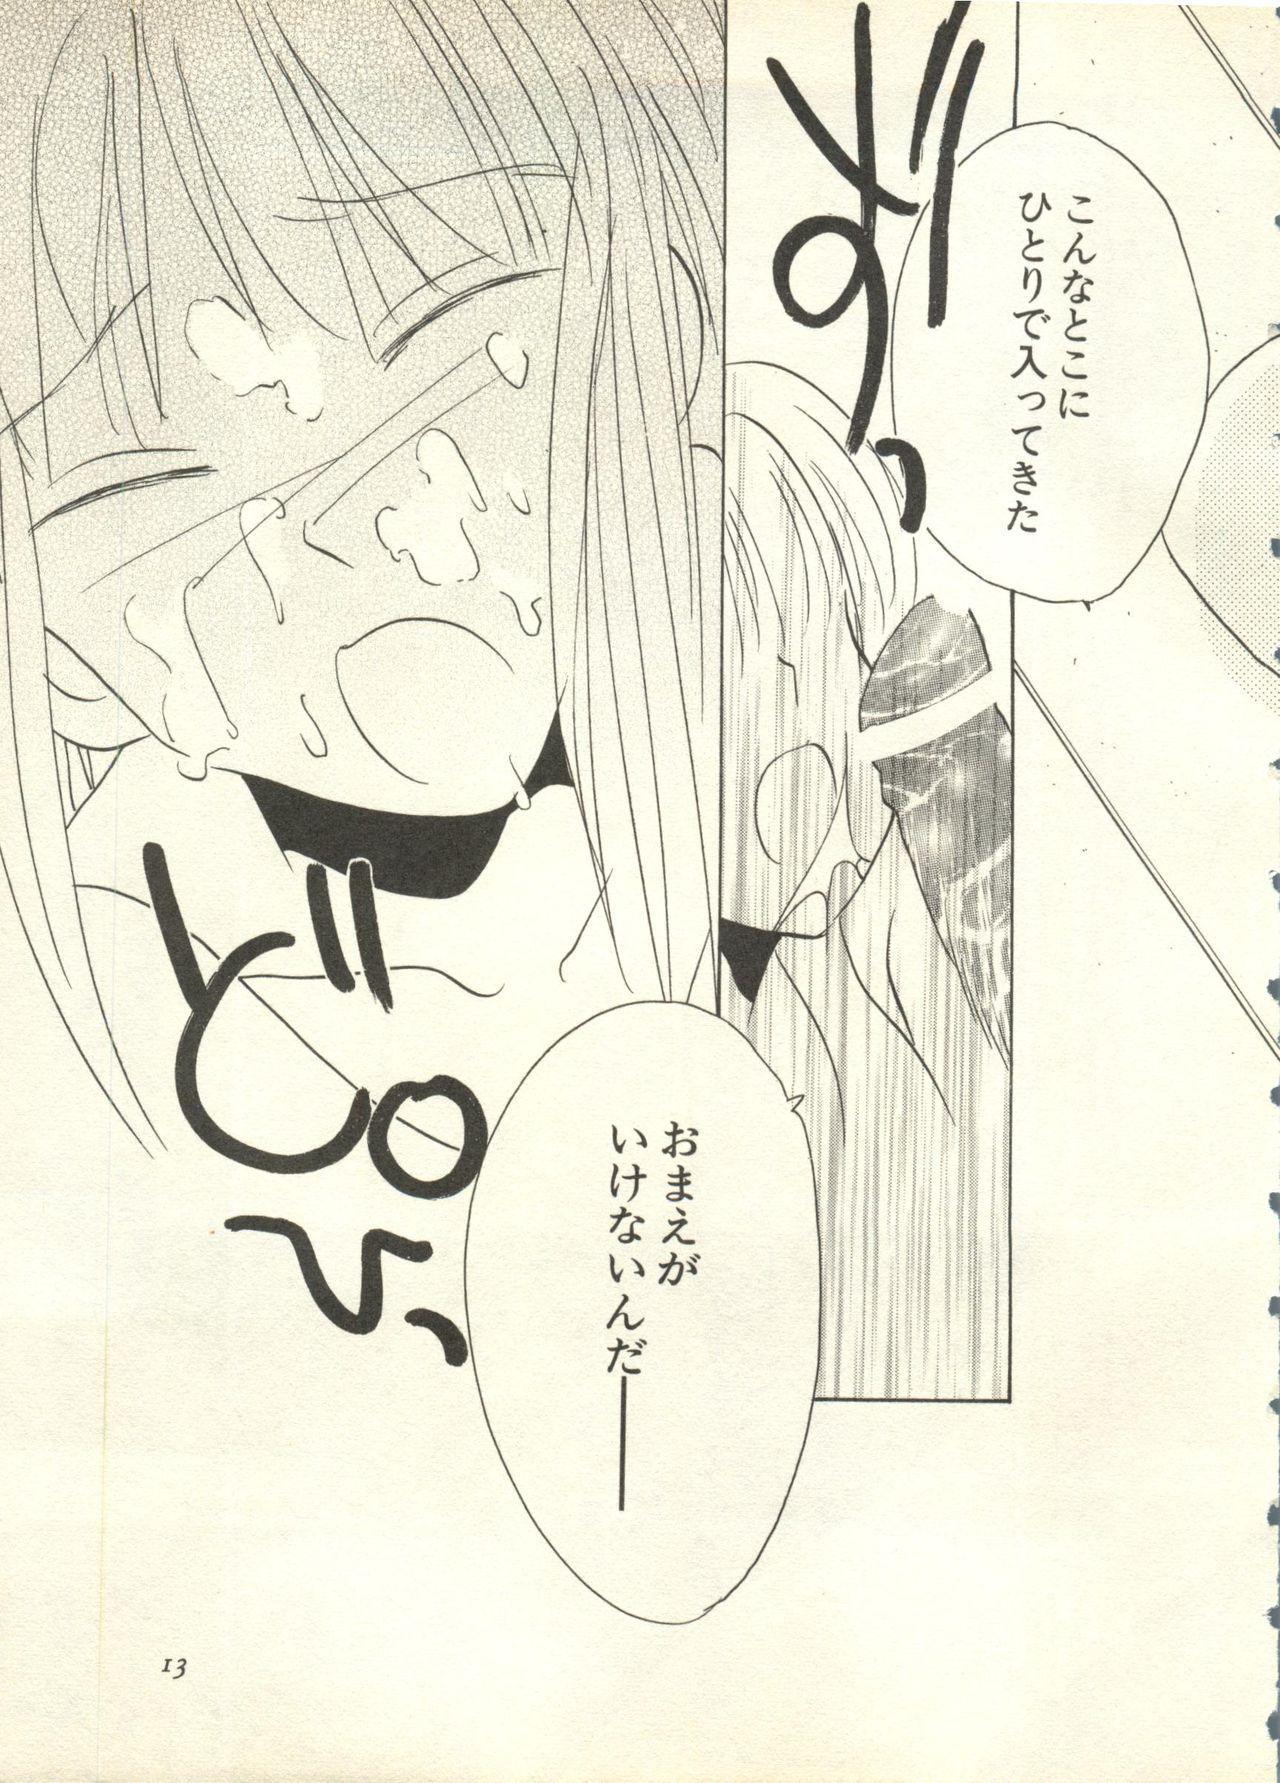 Pai;kuu 1998 July Vol. 11 13